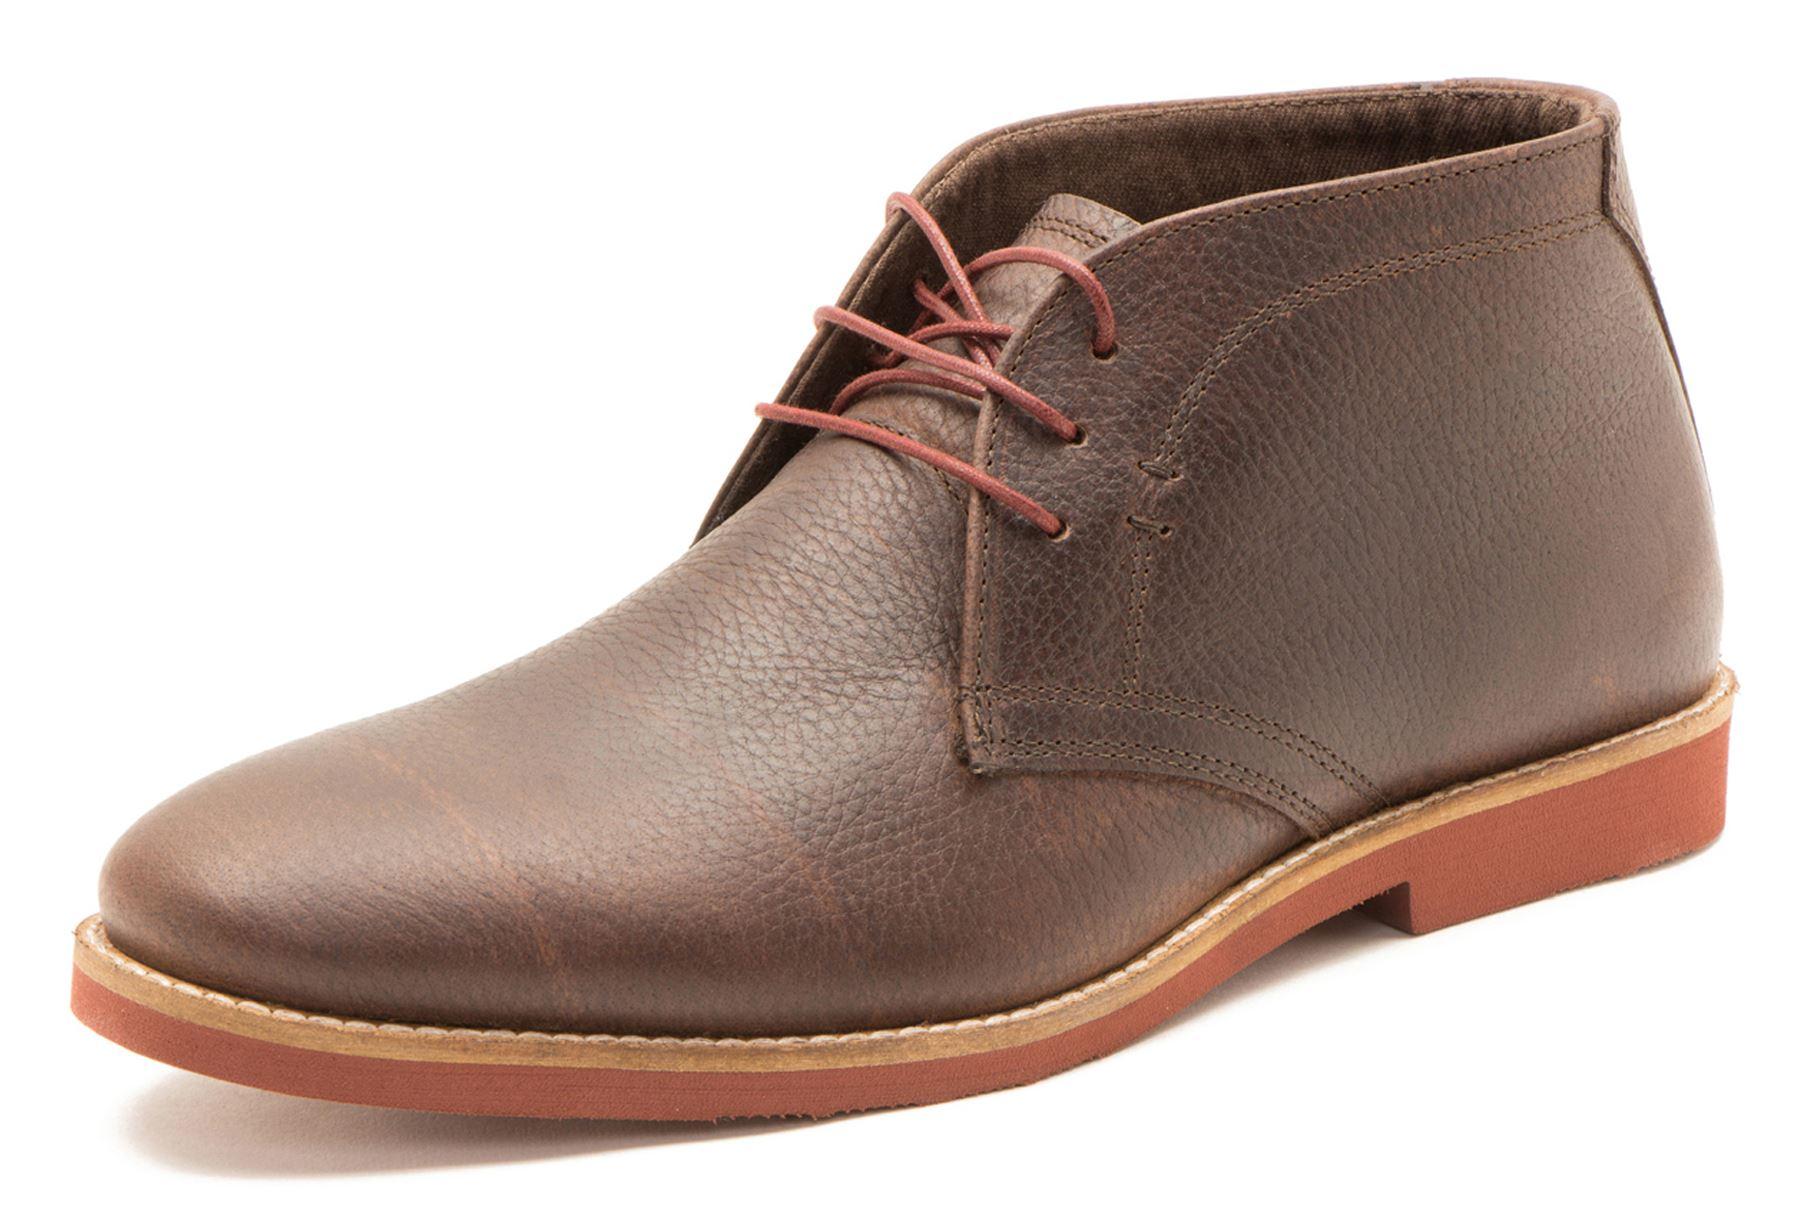 Mens Dorney Desert Boots Redtape Discount For Nice 5wJLyA